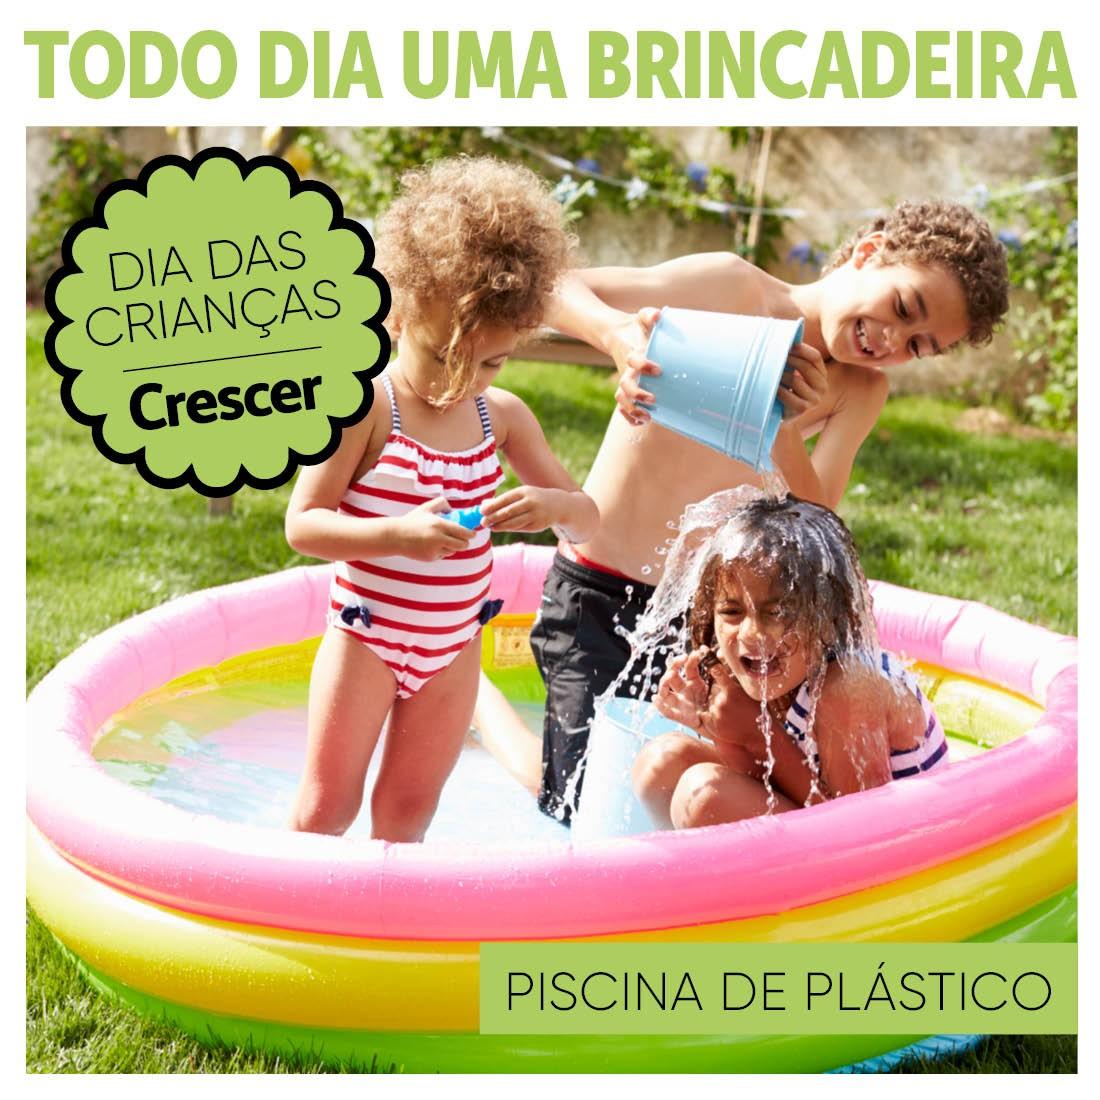 PISCINA-PLASTICO-TODO-DIA-UMA-BRINCADEIRA (Foto: Thinkstock)